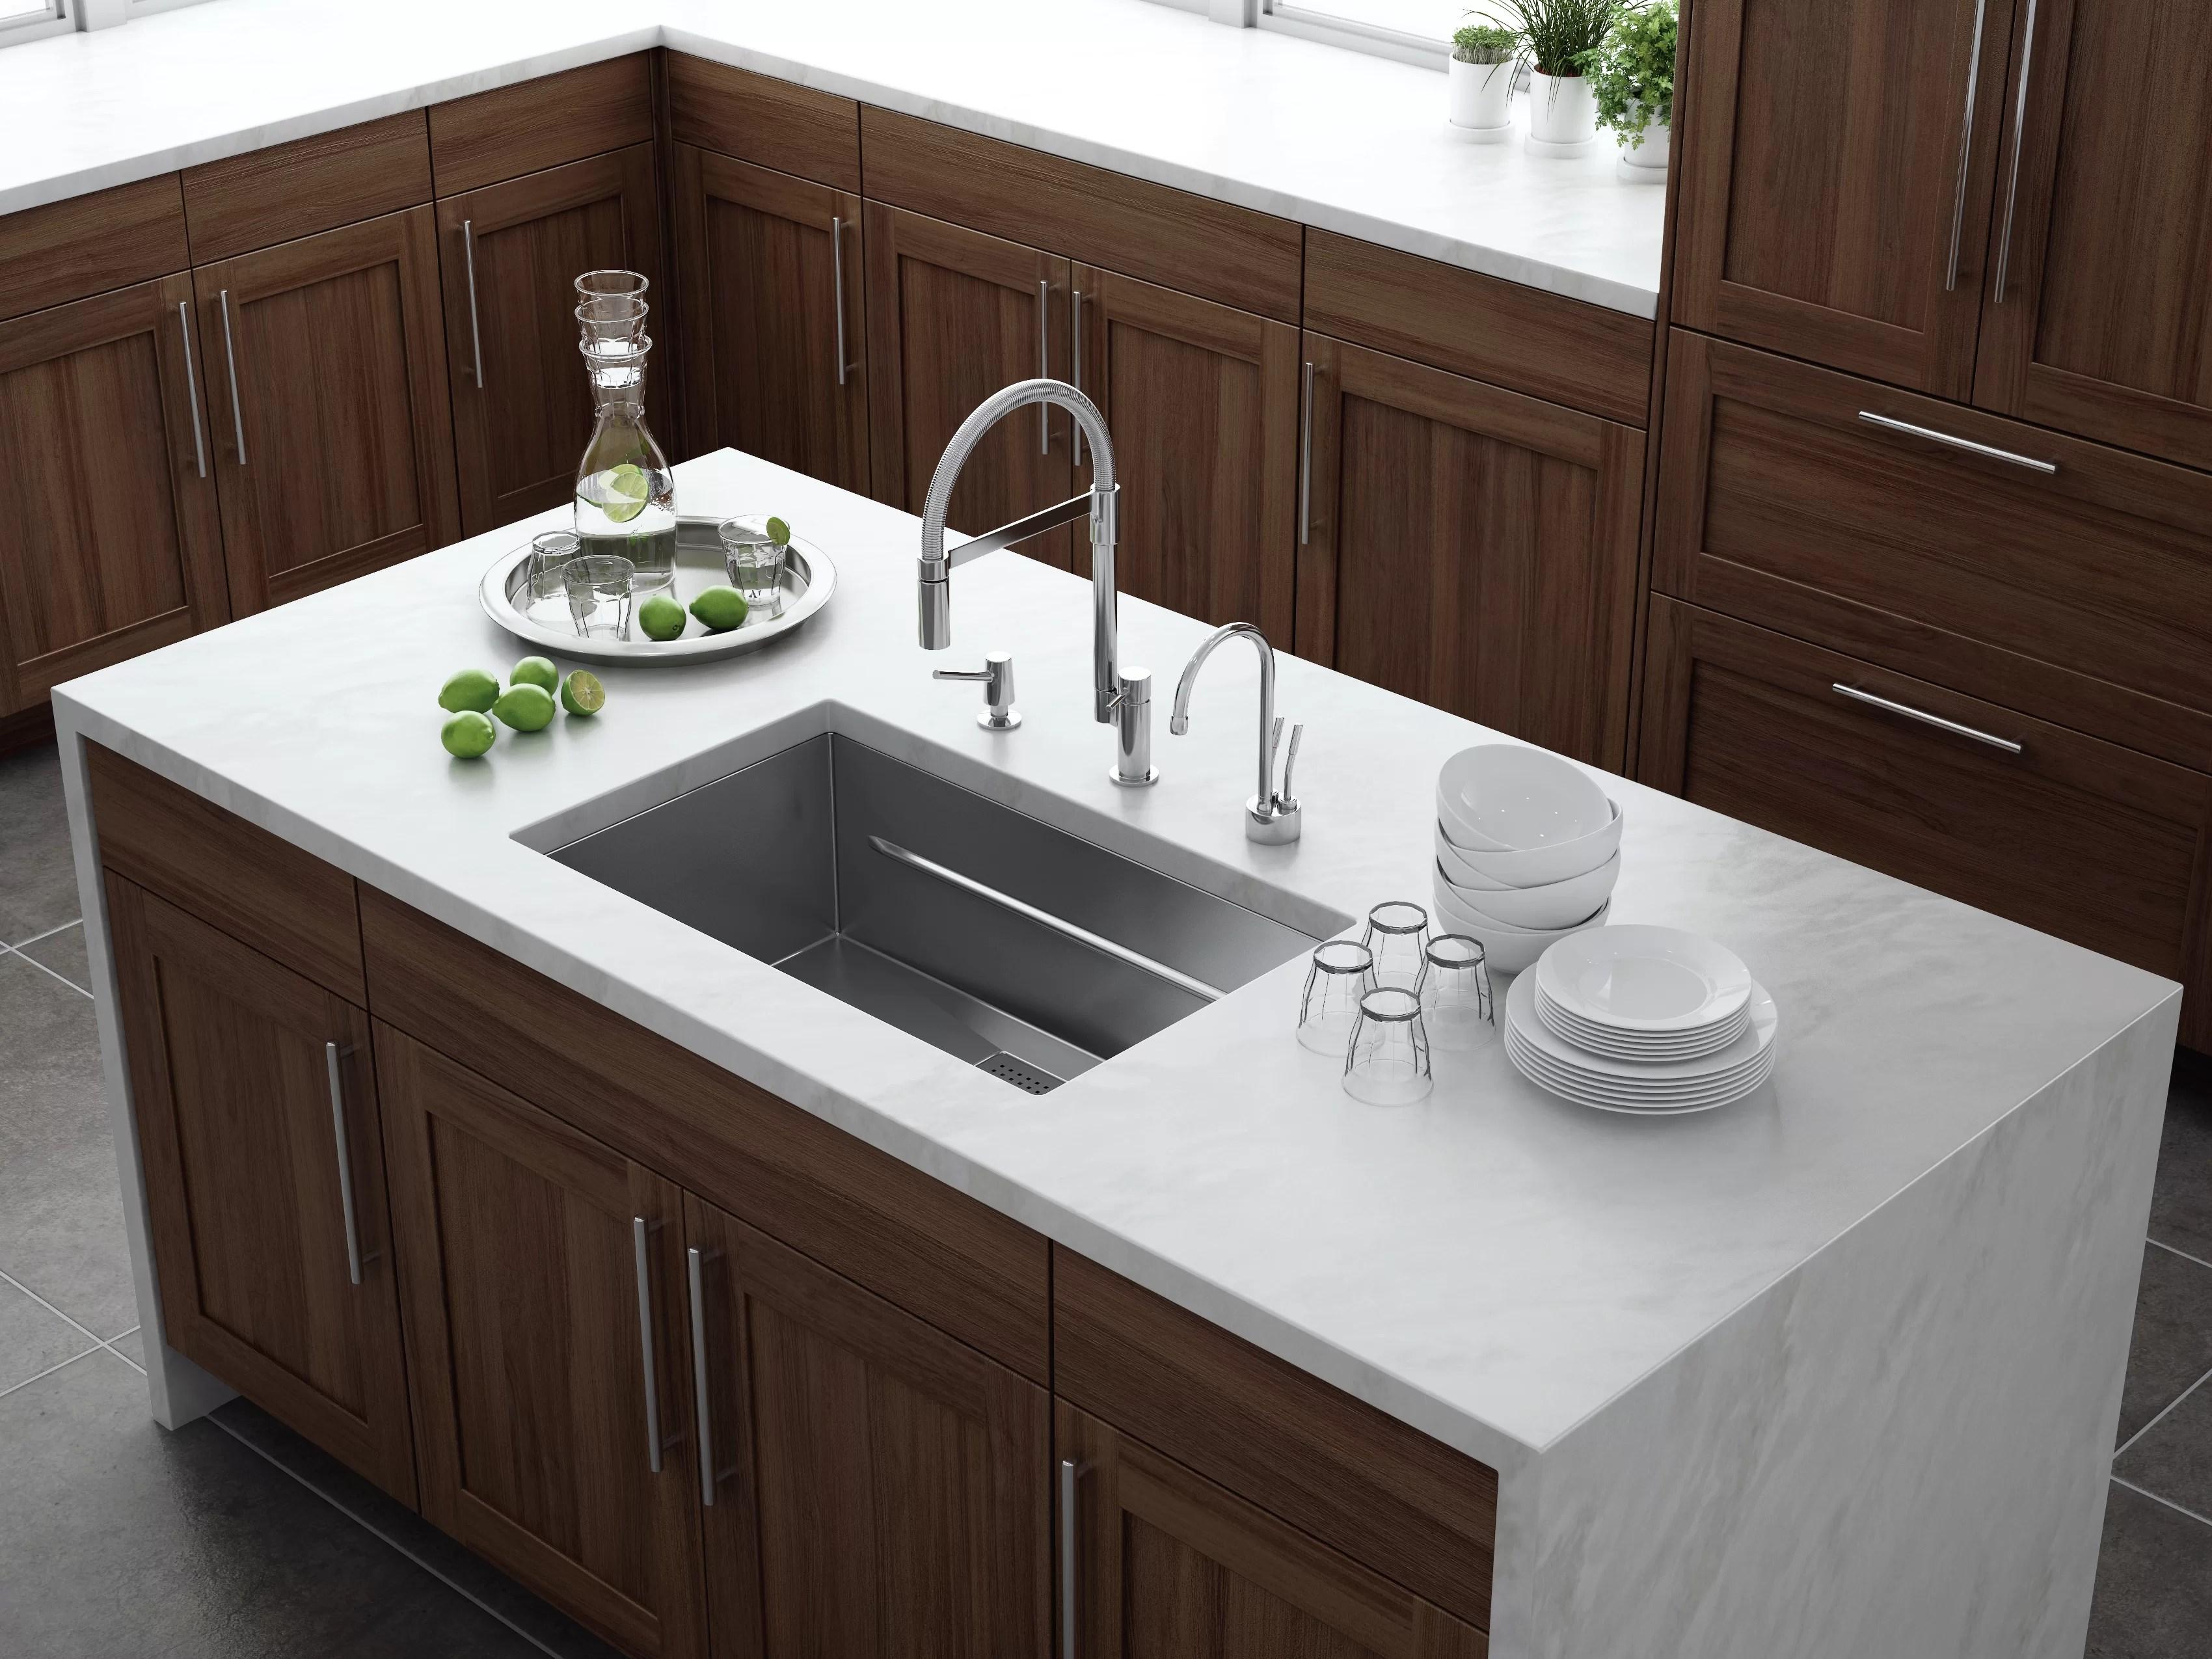 peak 29 l x 18 w undermount kitchen sink